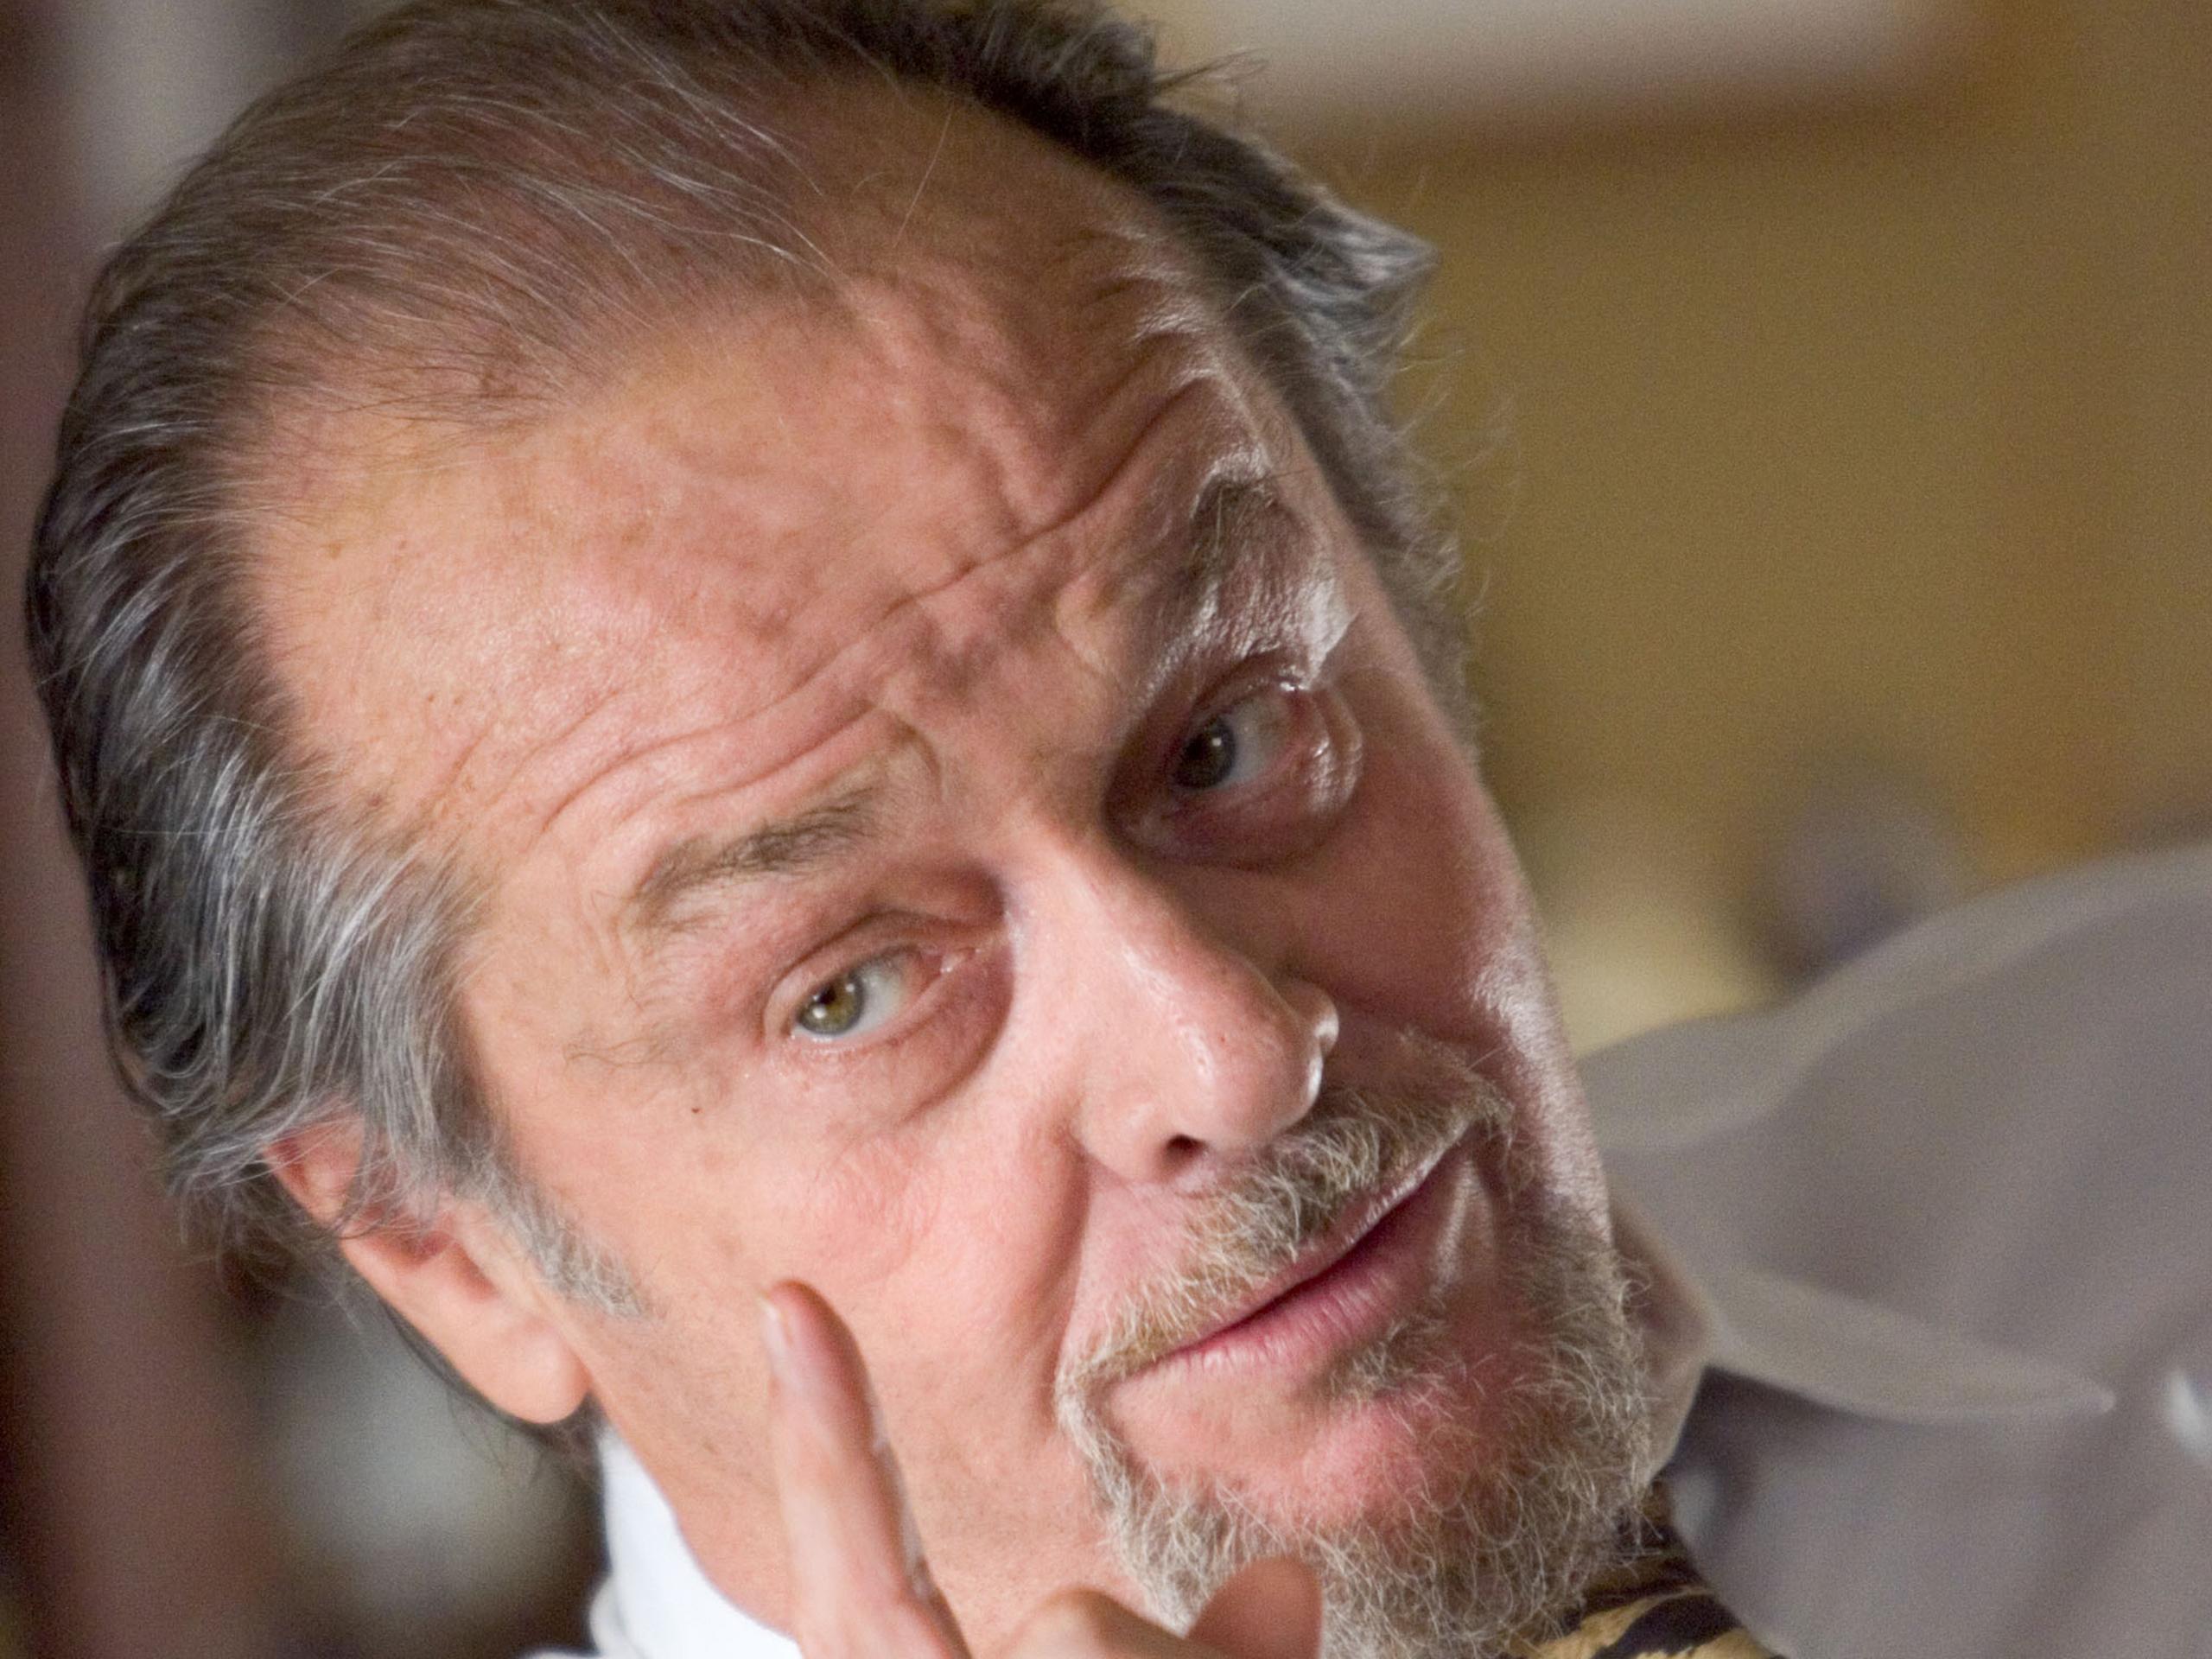 Jack Nicholson visage